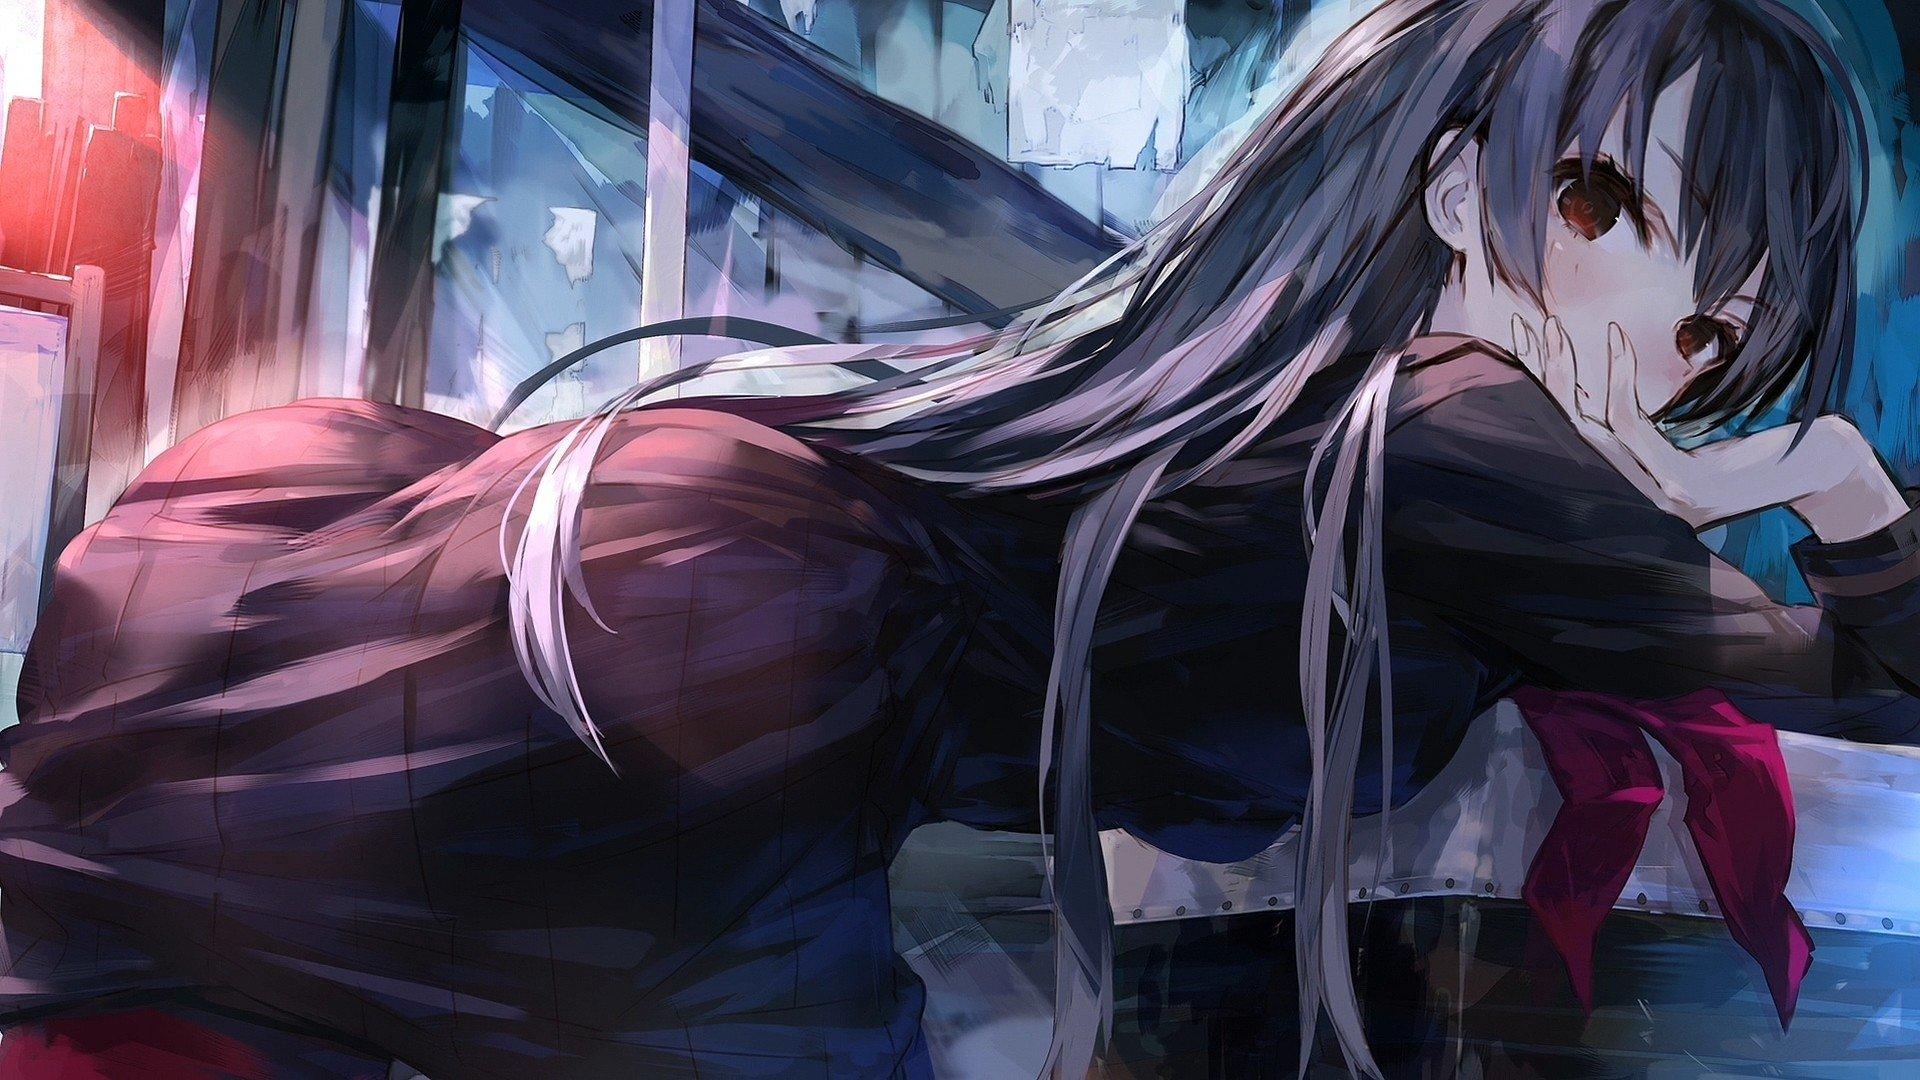 Tasogare Otome X Amnesia Hd Wallpaper Background Image